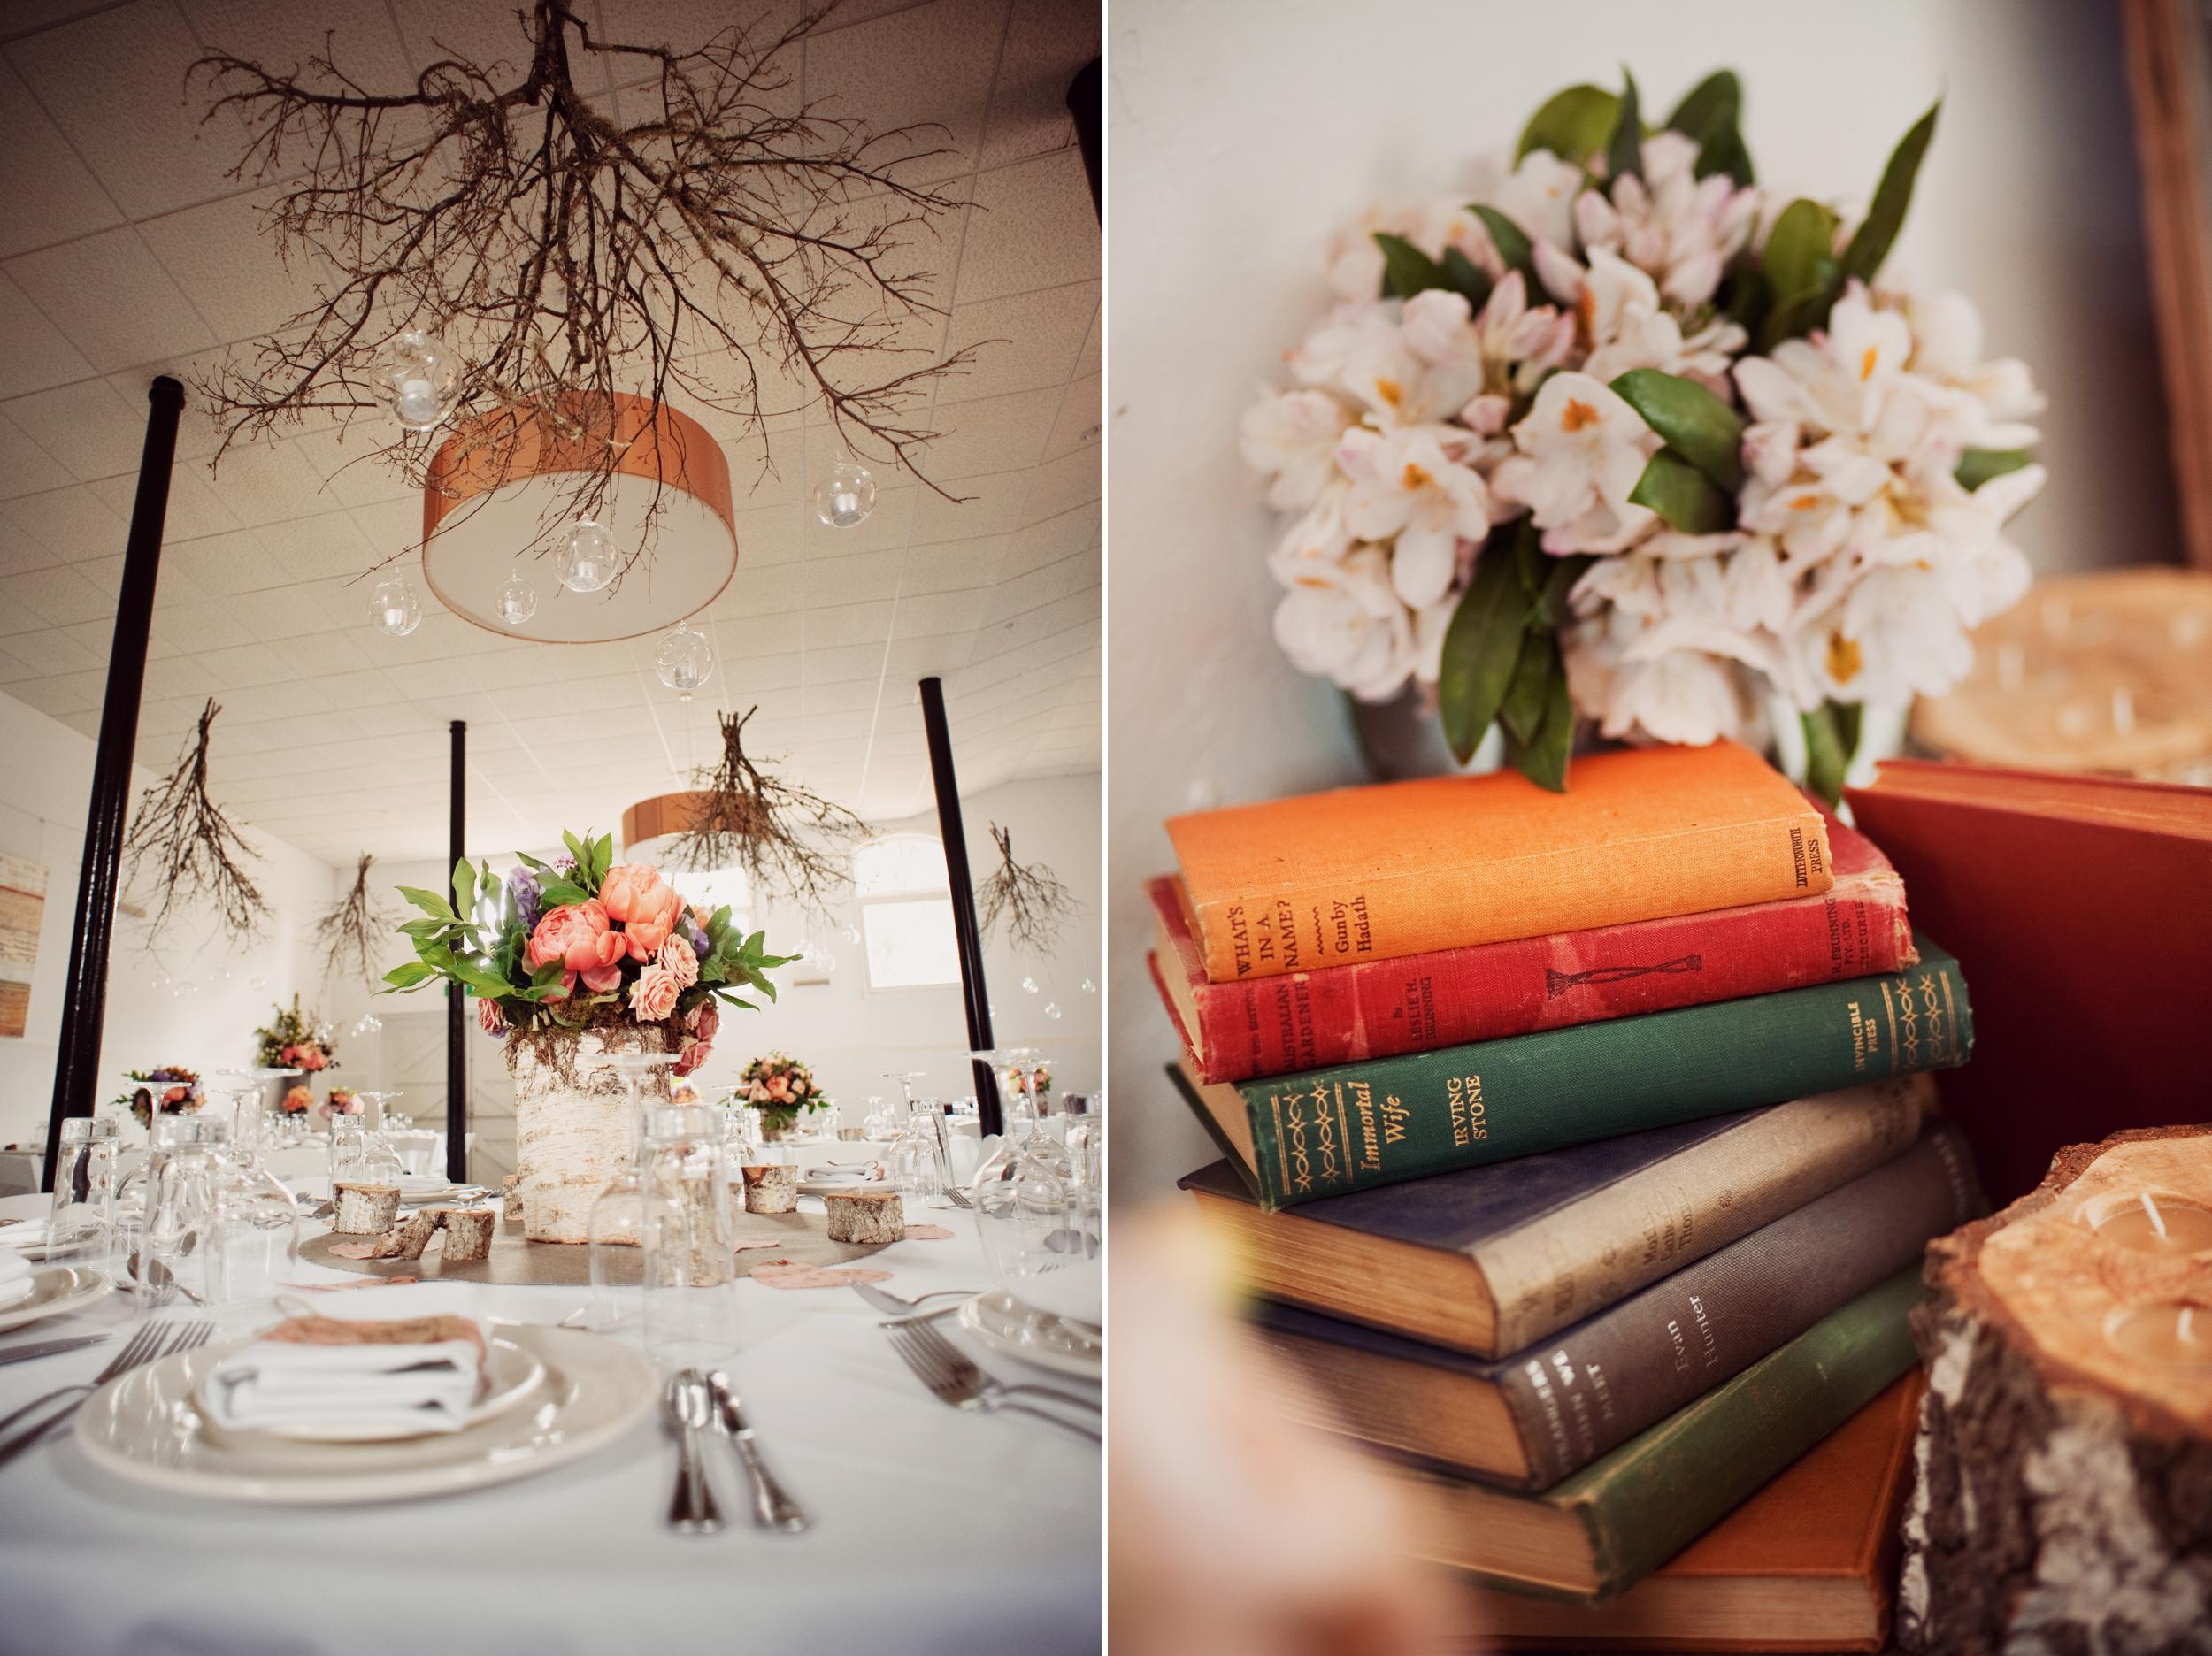 euroa_butter_factory_wedding_photography_87.jpg